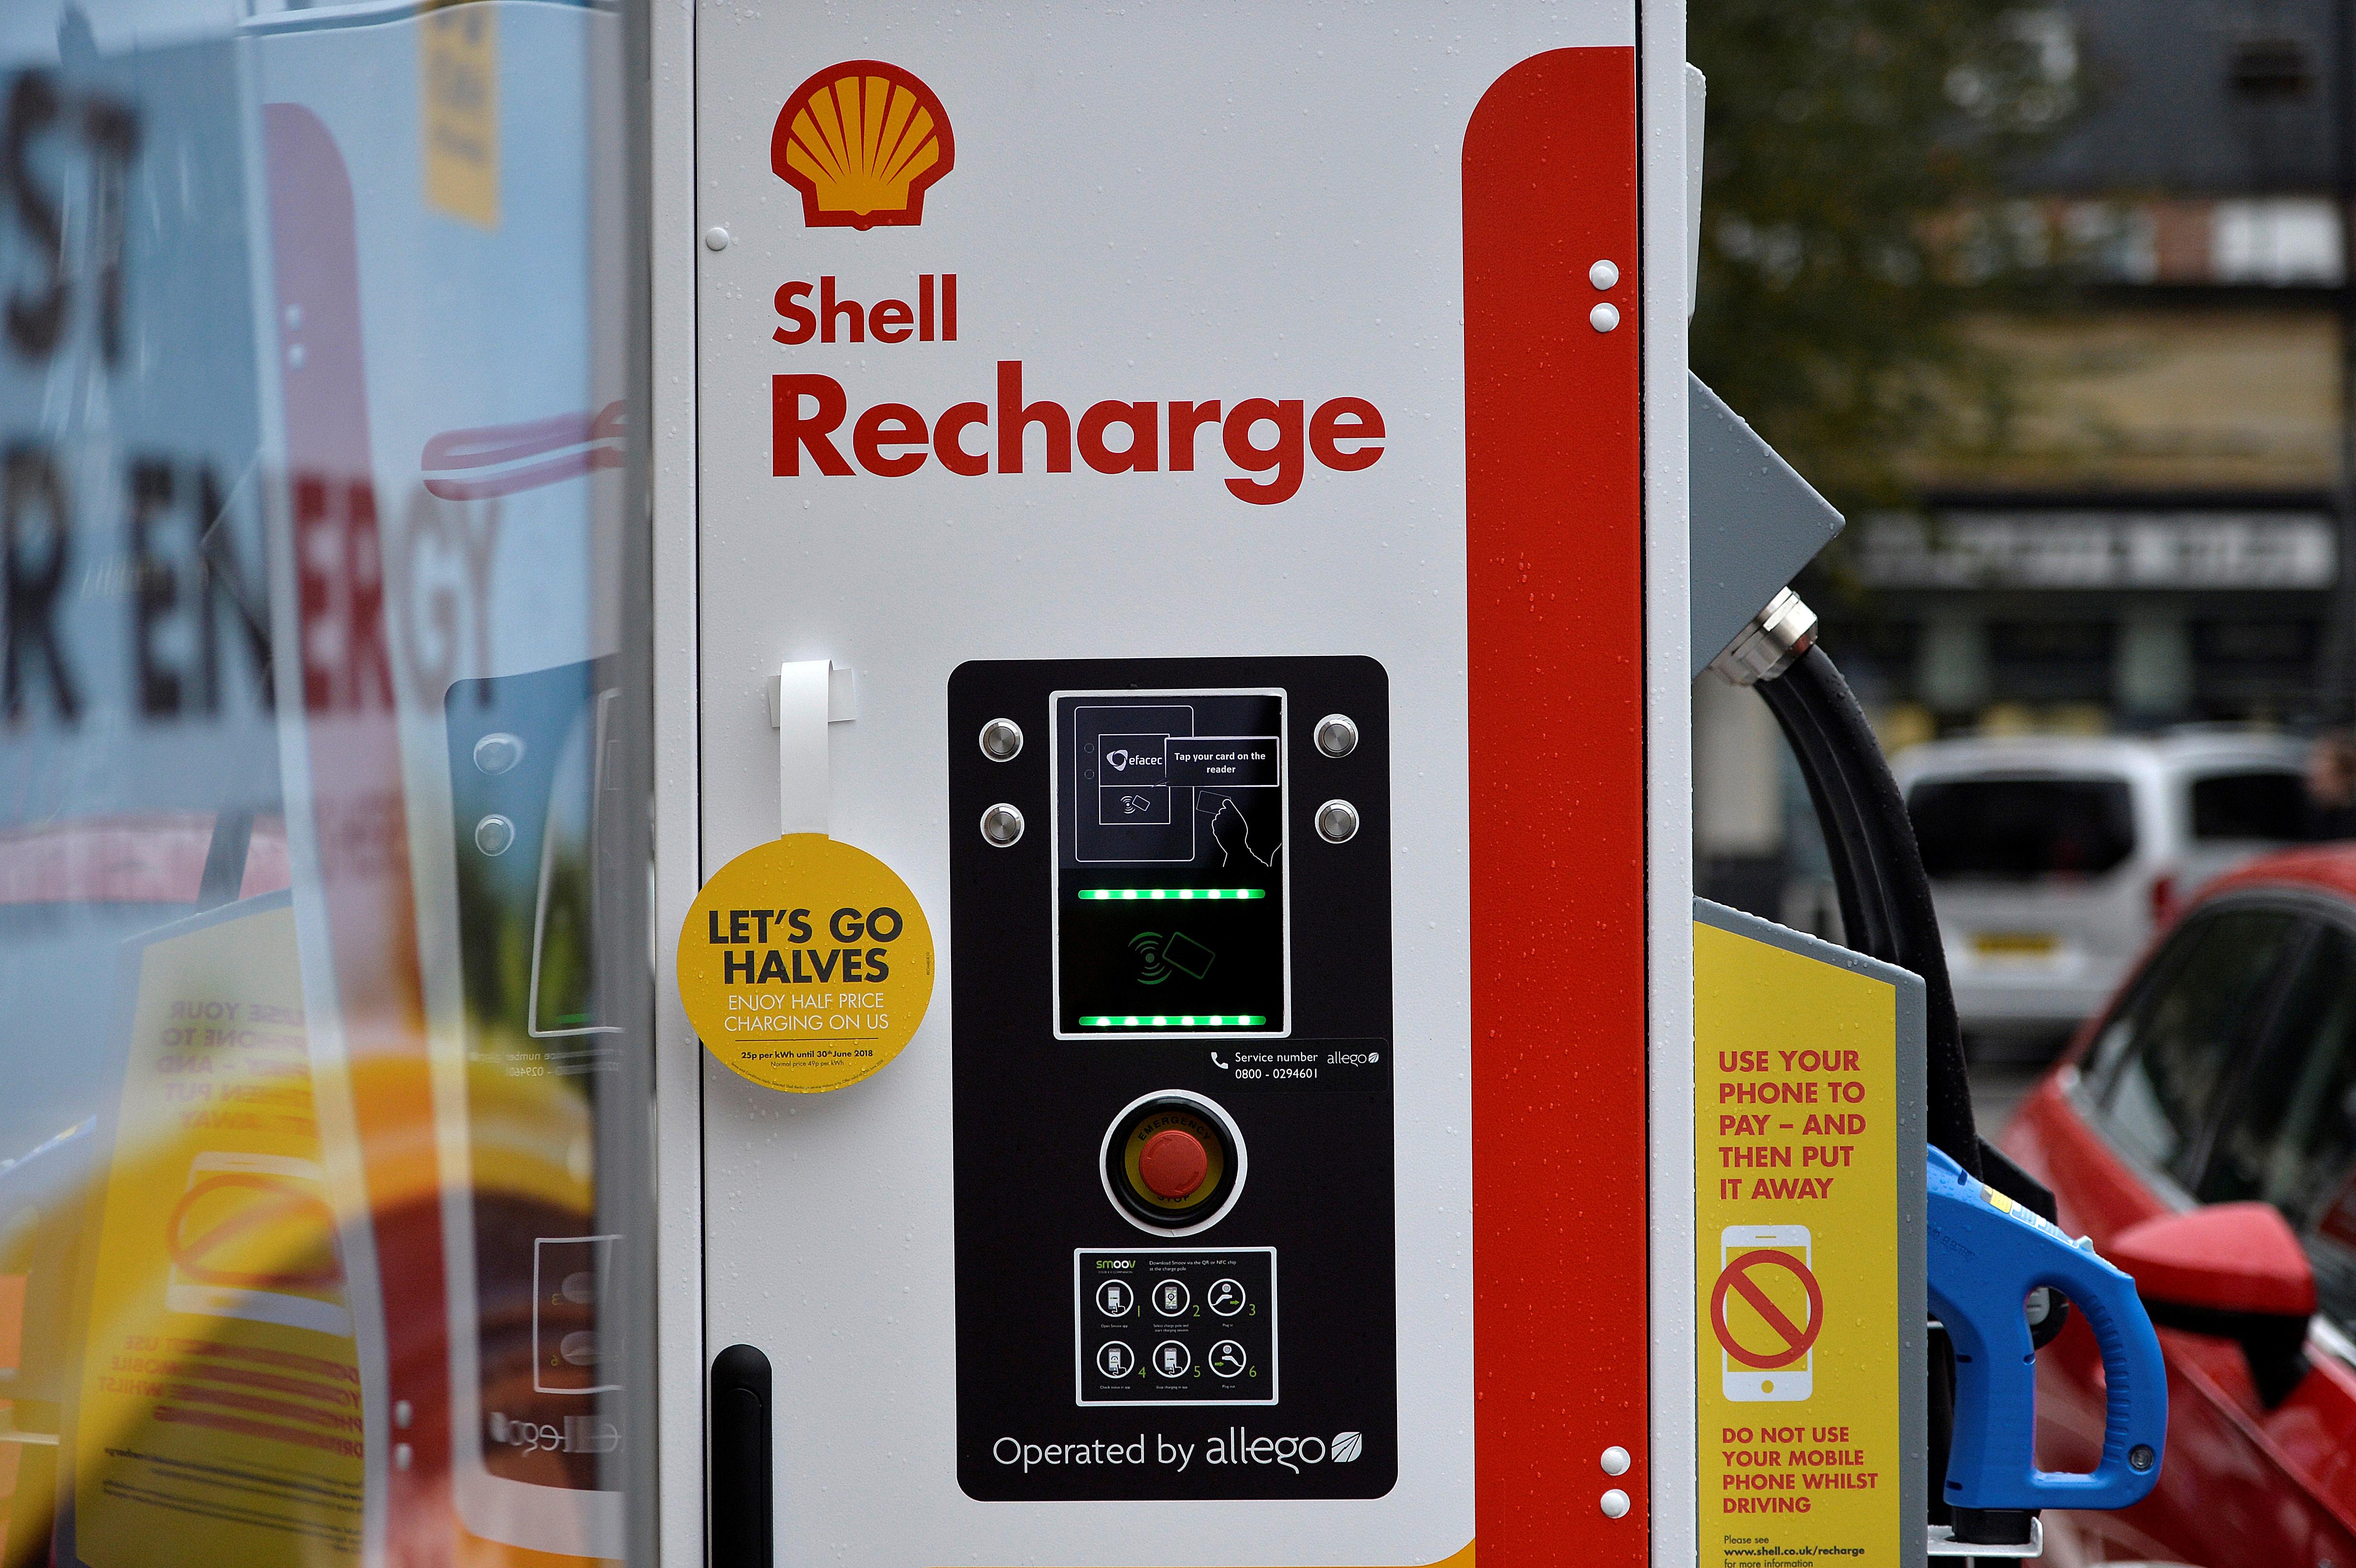 انتشار السيارات الكهربائية على نطاق واسع يعتمد أيضا على توفر محطات الشحن